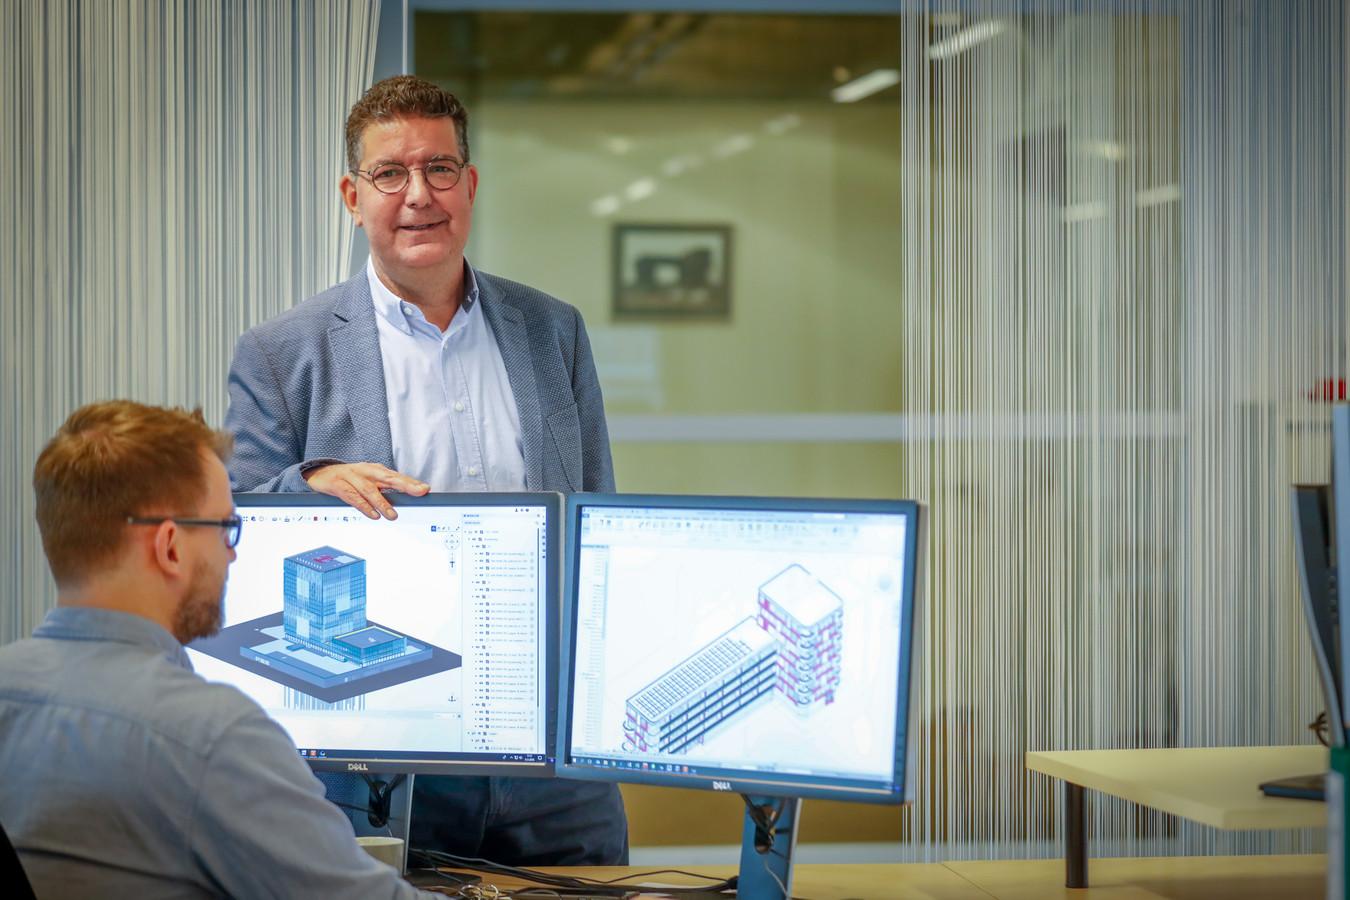 irecteur Curro Verhagen in nieuw pand van groeiende ingenieursgroep voor (hoog)bouwprojecten.